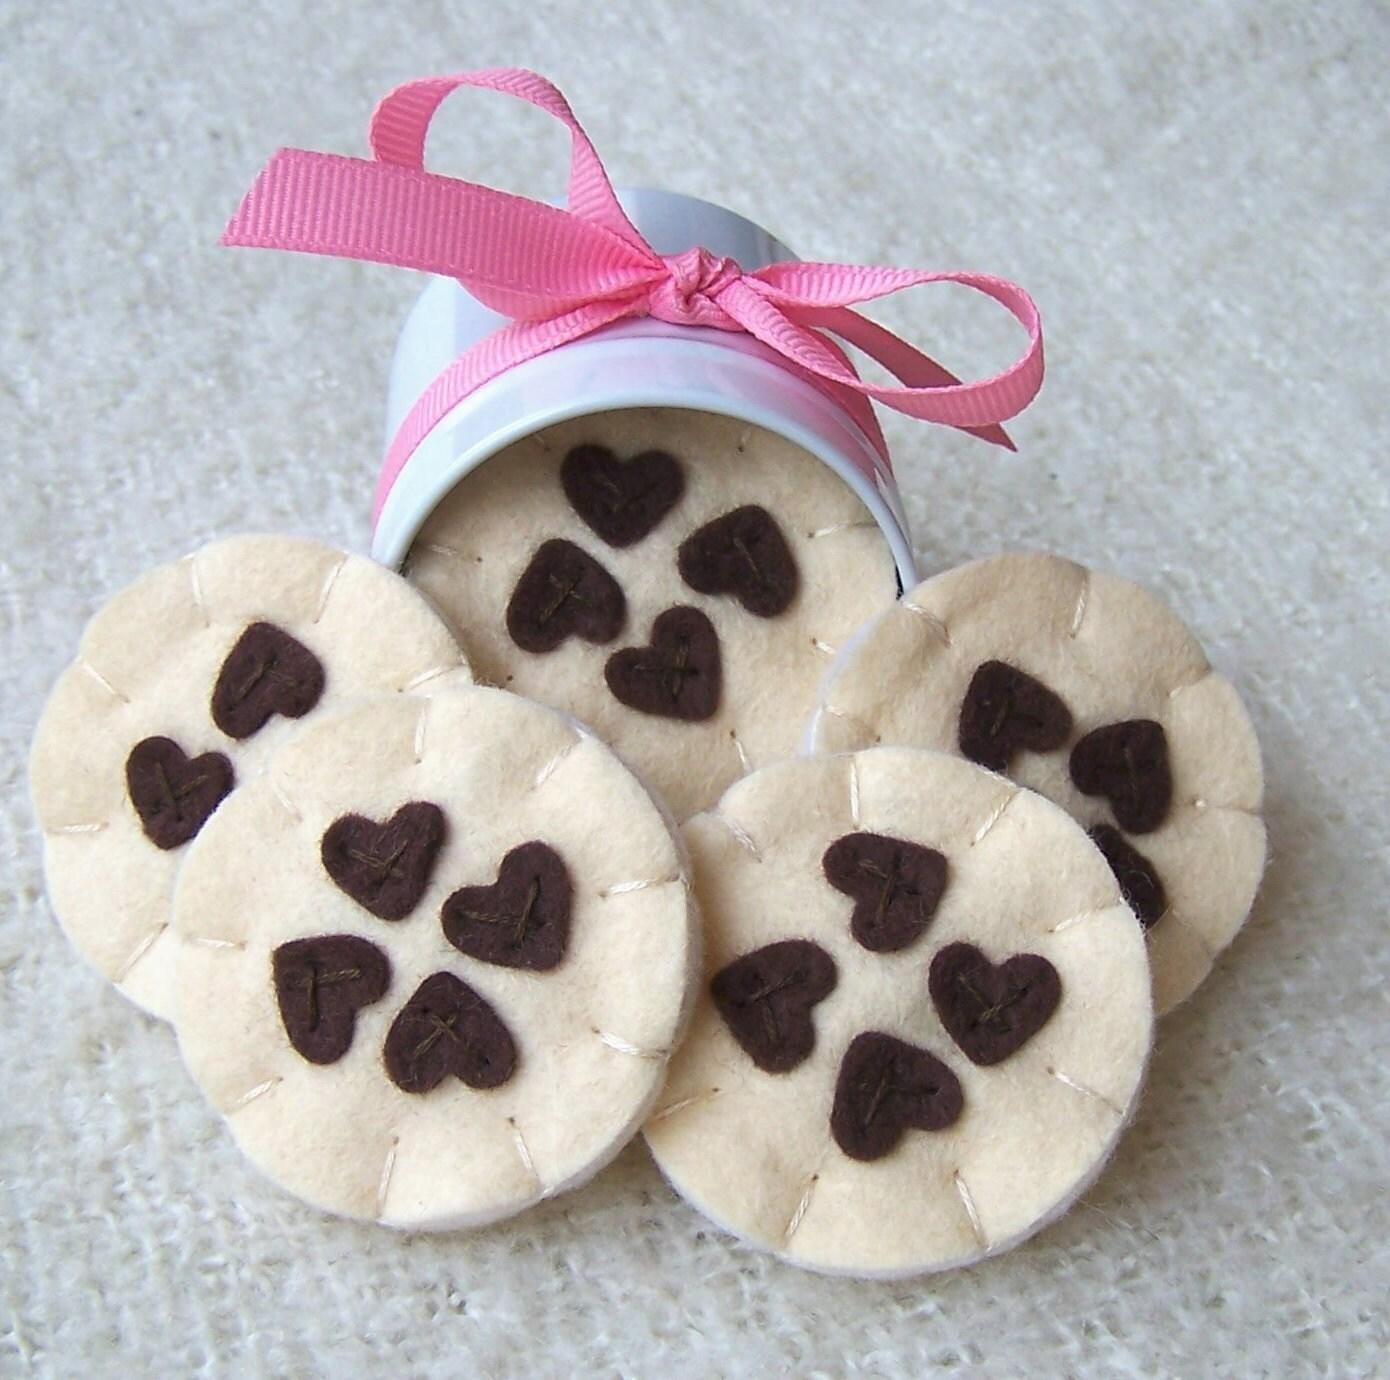 Wool Felt Play Food - Gourmet Chocolate Heart Chip Cookies